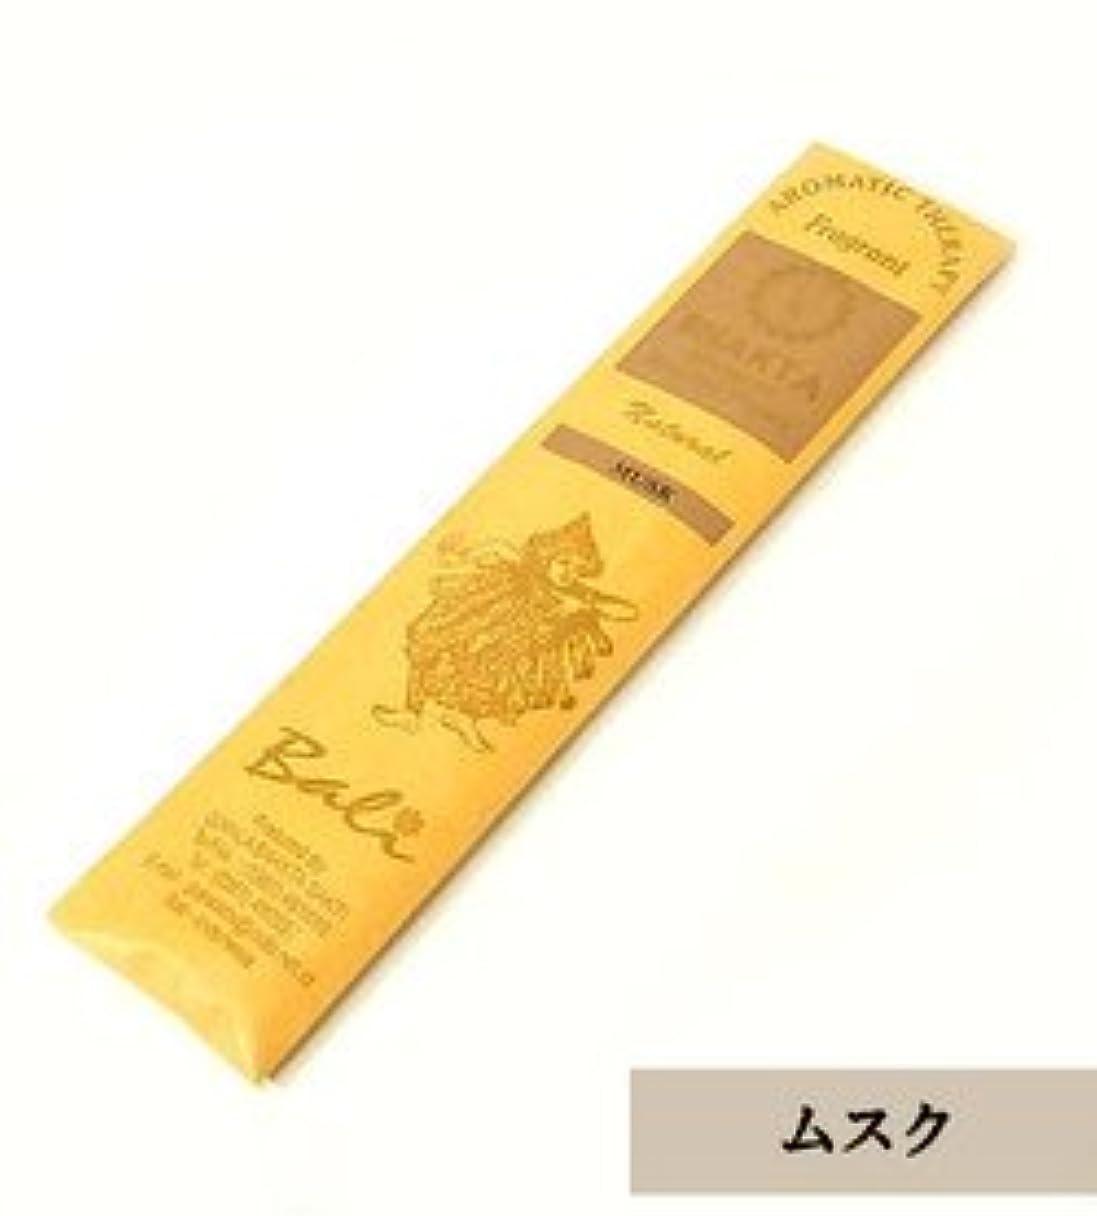 一般歯セクタバリのお香 BHAKTA 【ムスク】 MUSK ロングスティック 20本入り アジアン雑貨